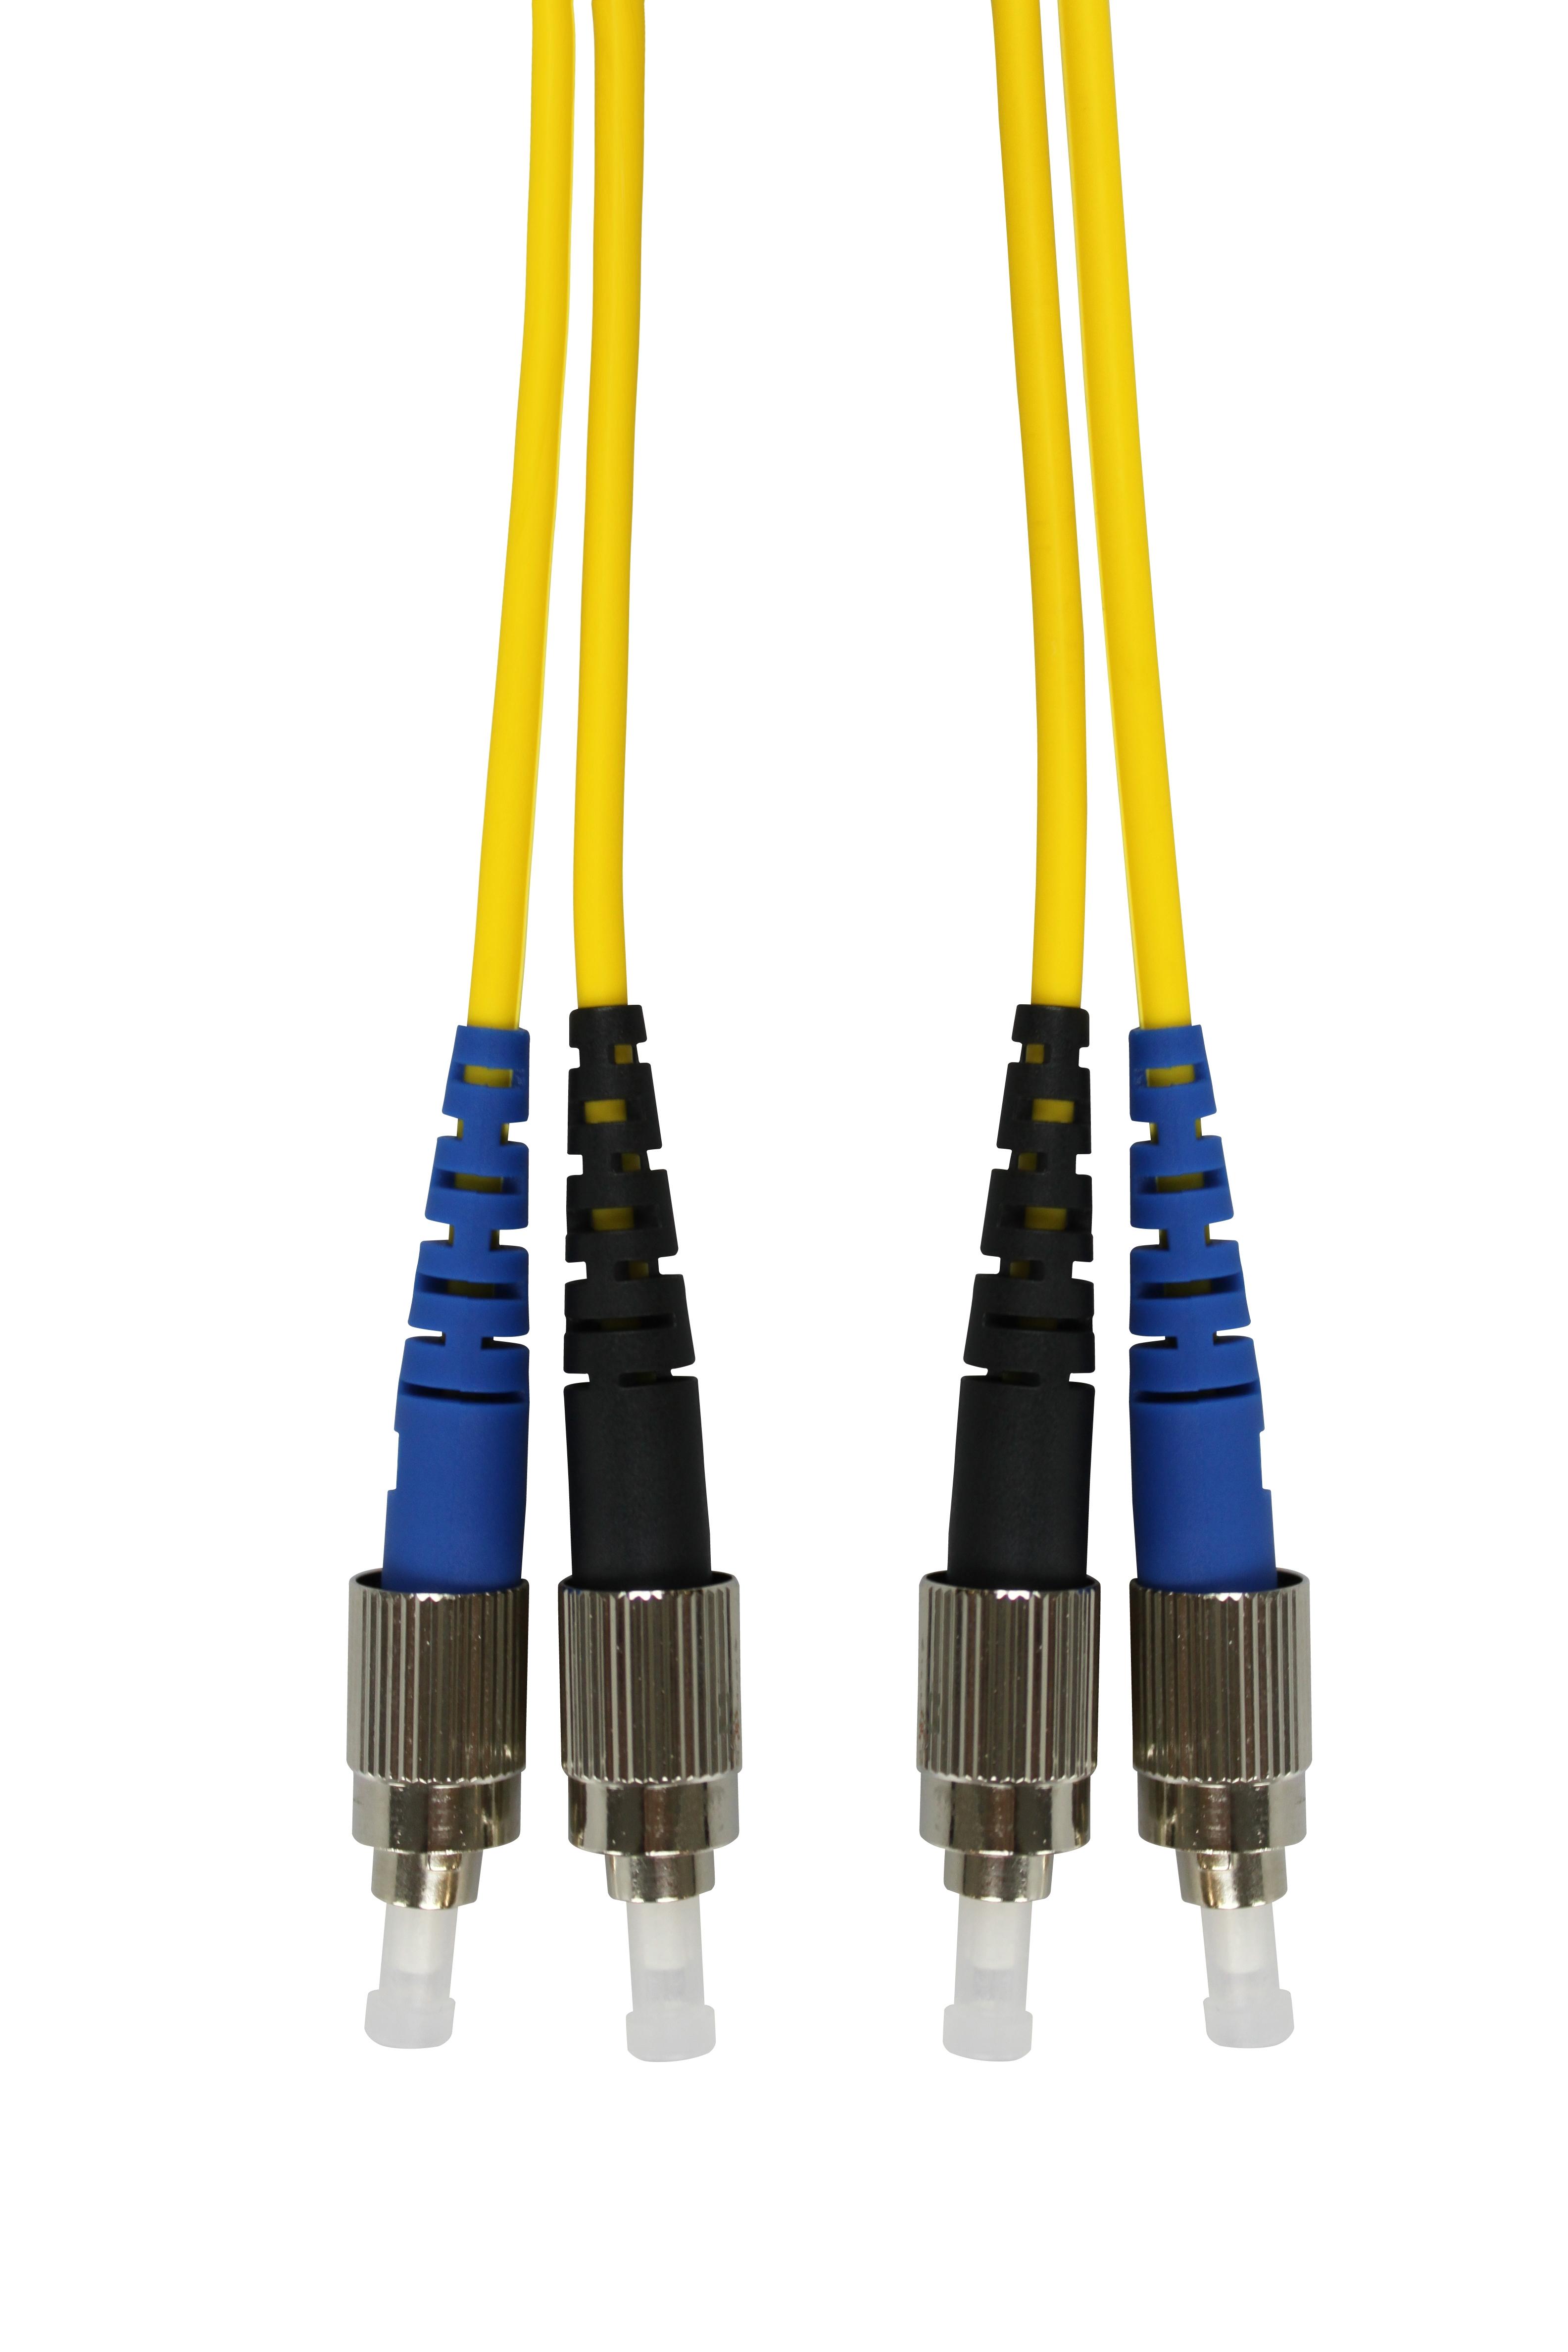 1 Stk LWL Patchkabel Duplex FC/FC, 9/125µm OS2, LS0H-3, gelb, 5.0m HLP29FF05F